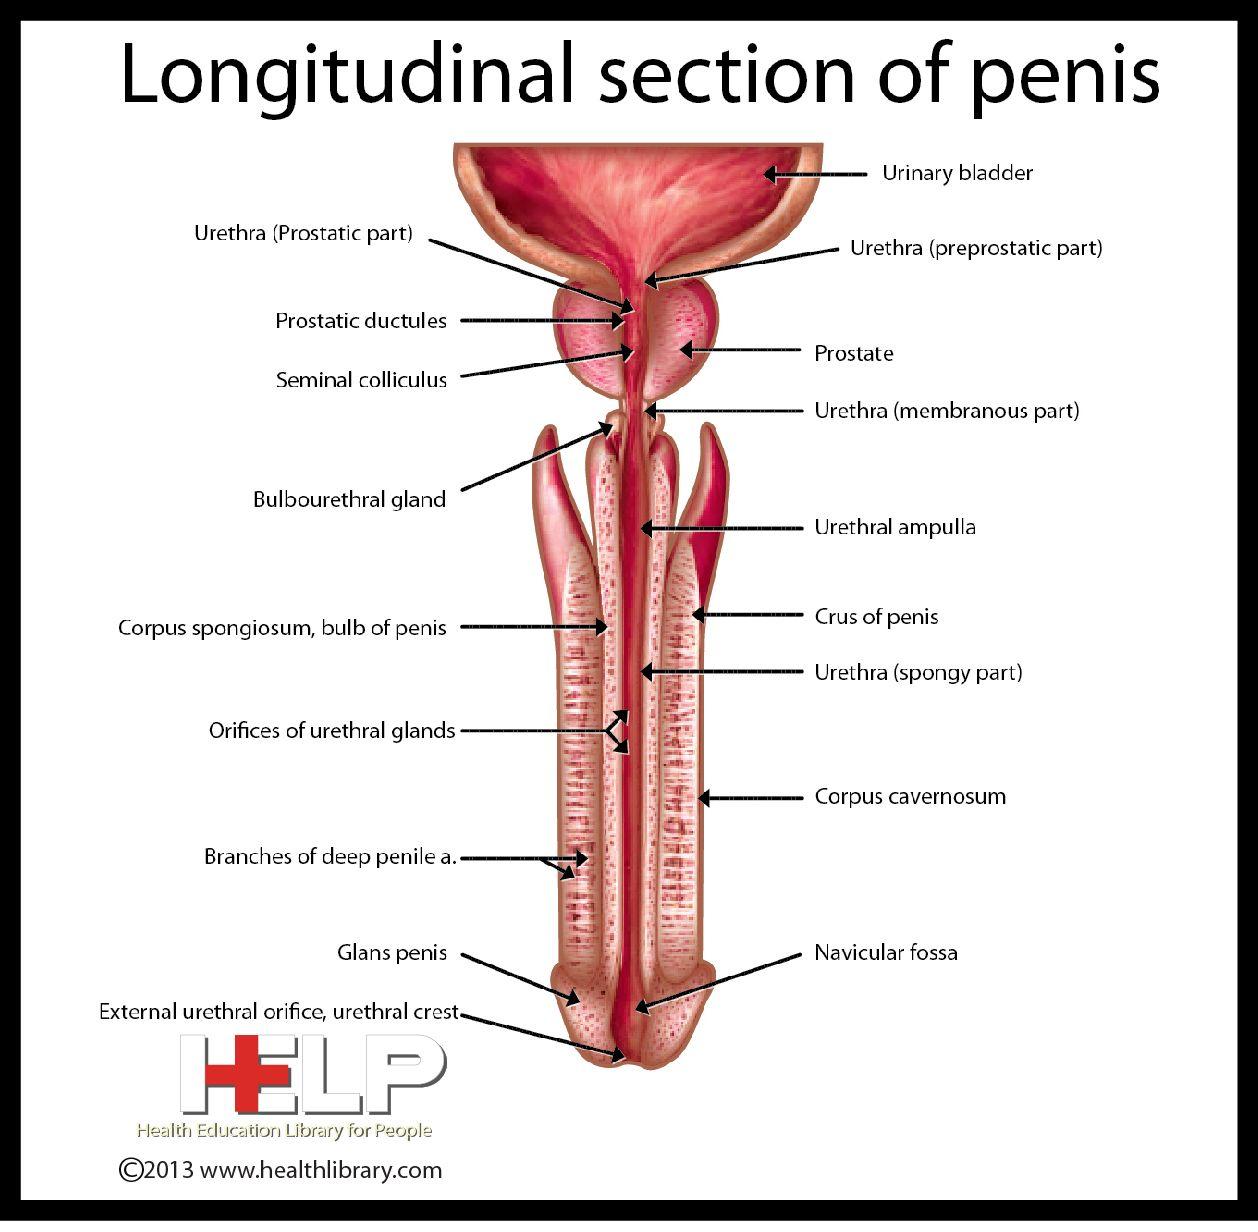 Longitudinal Section Of Penis | All natural penis enlargement ...